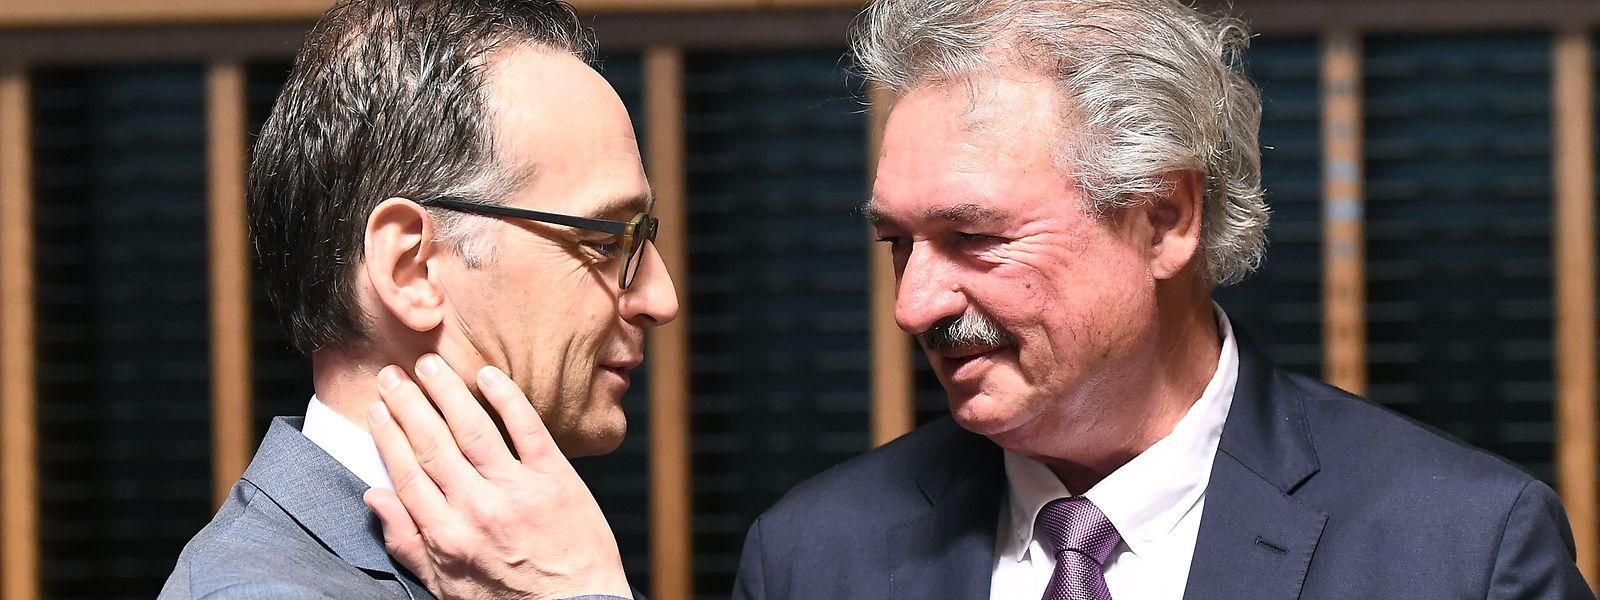 Jean Asselborn en conversation avec Heiko Maas auquel il a demandé la levée de la classification du Luxembourg en zone à risque.